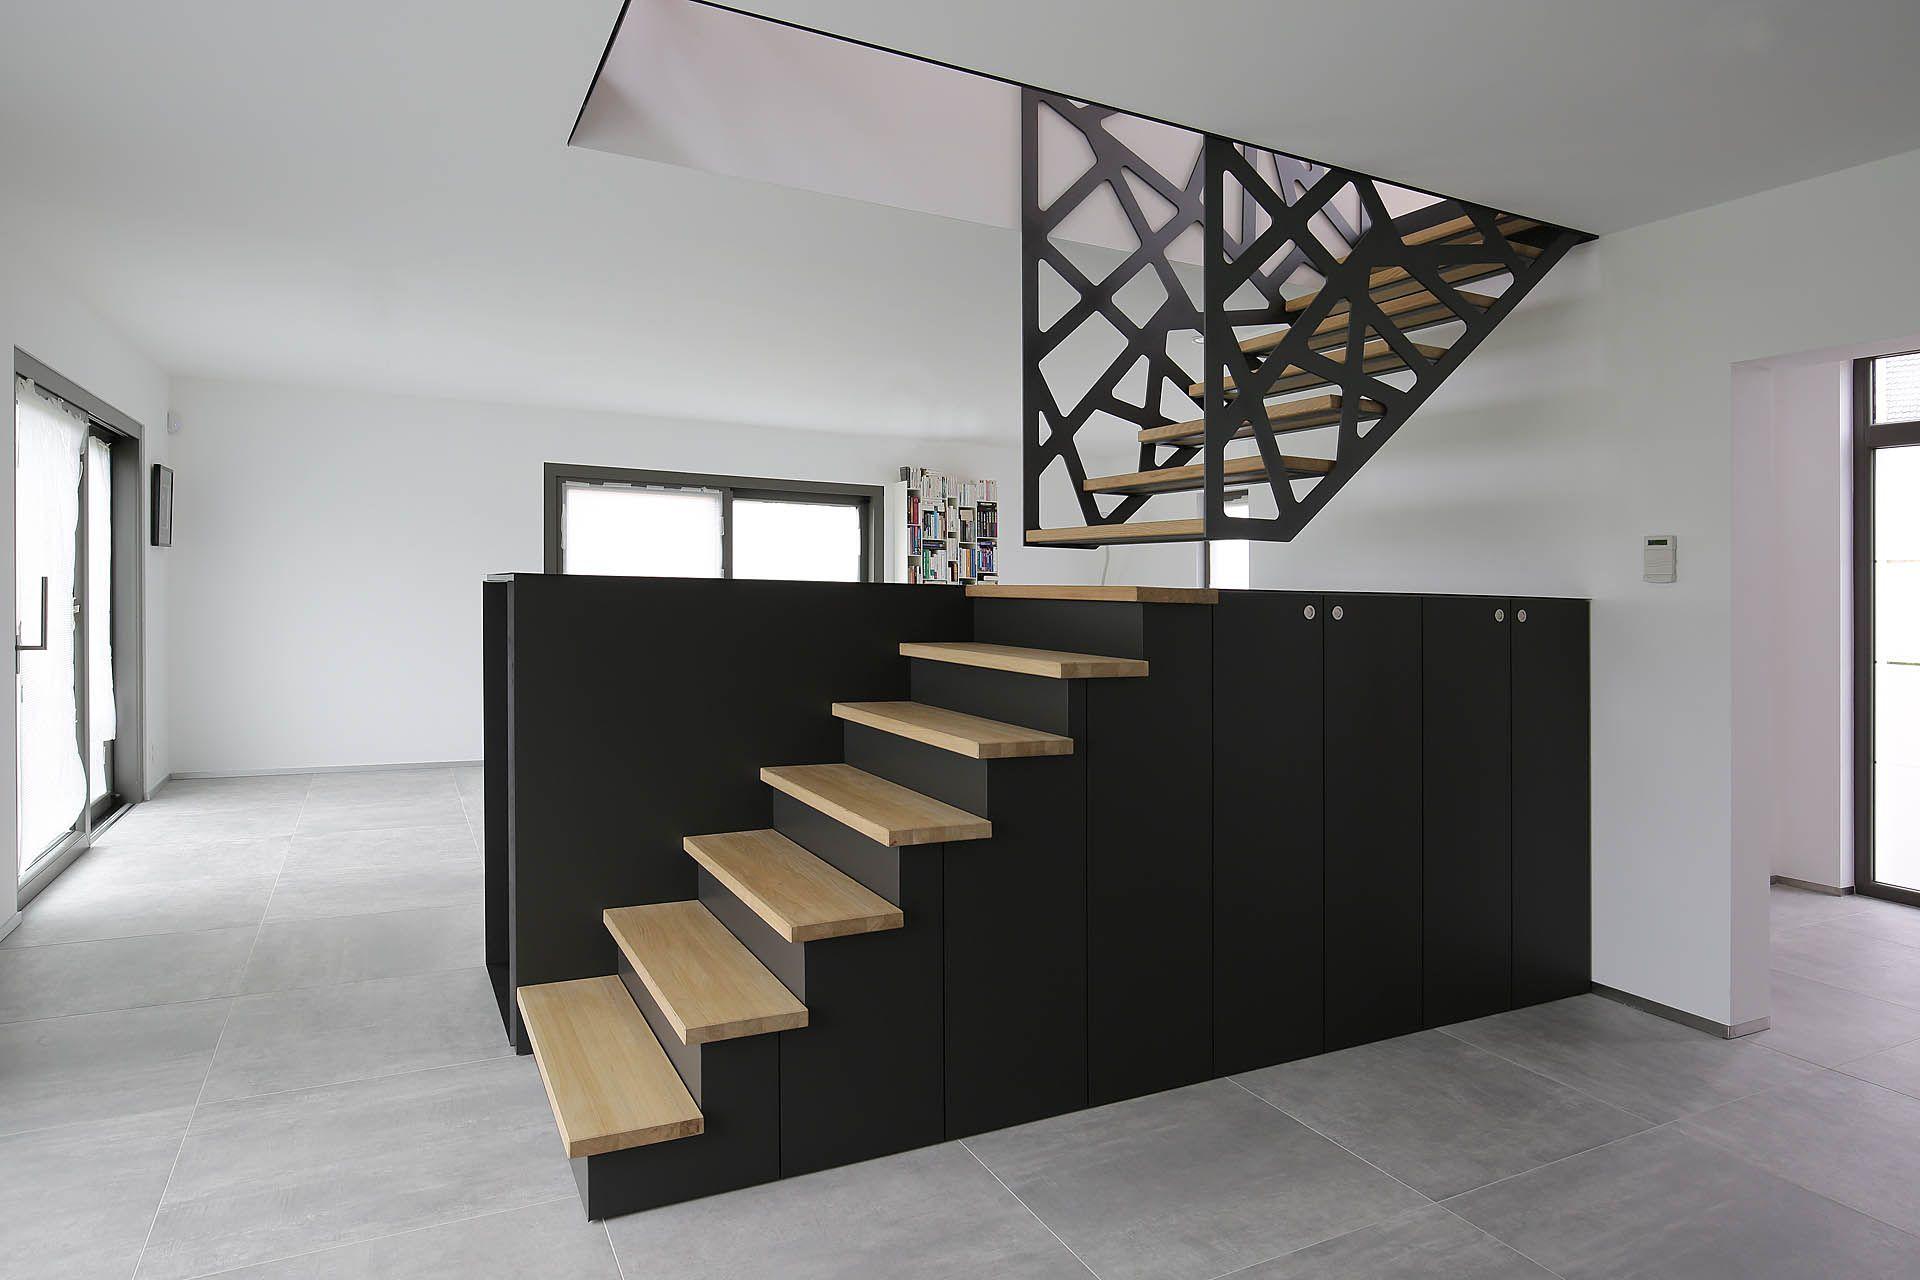 yves denayer stairs escaliers maison meuble tv bois metal et placard sous escalier